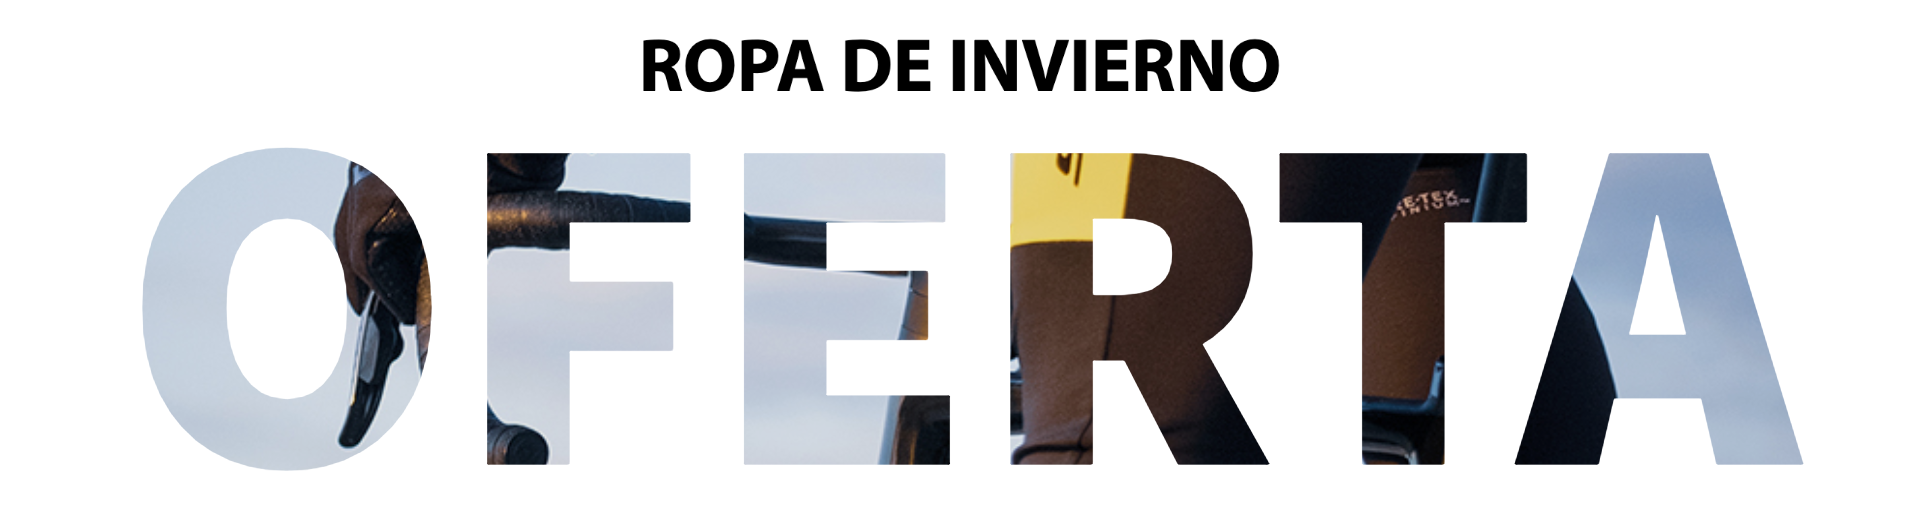 OFERTAS EN ROPA DE INVIERNO